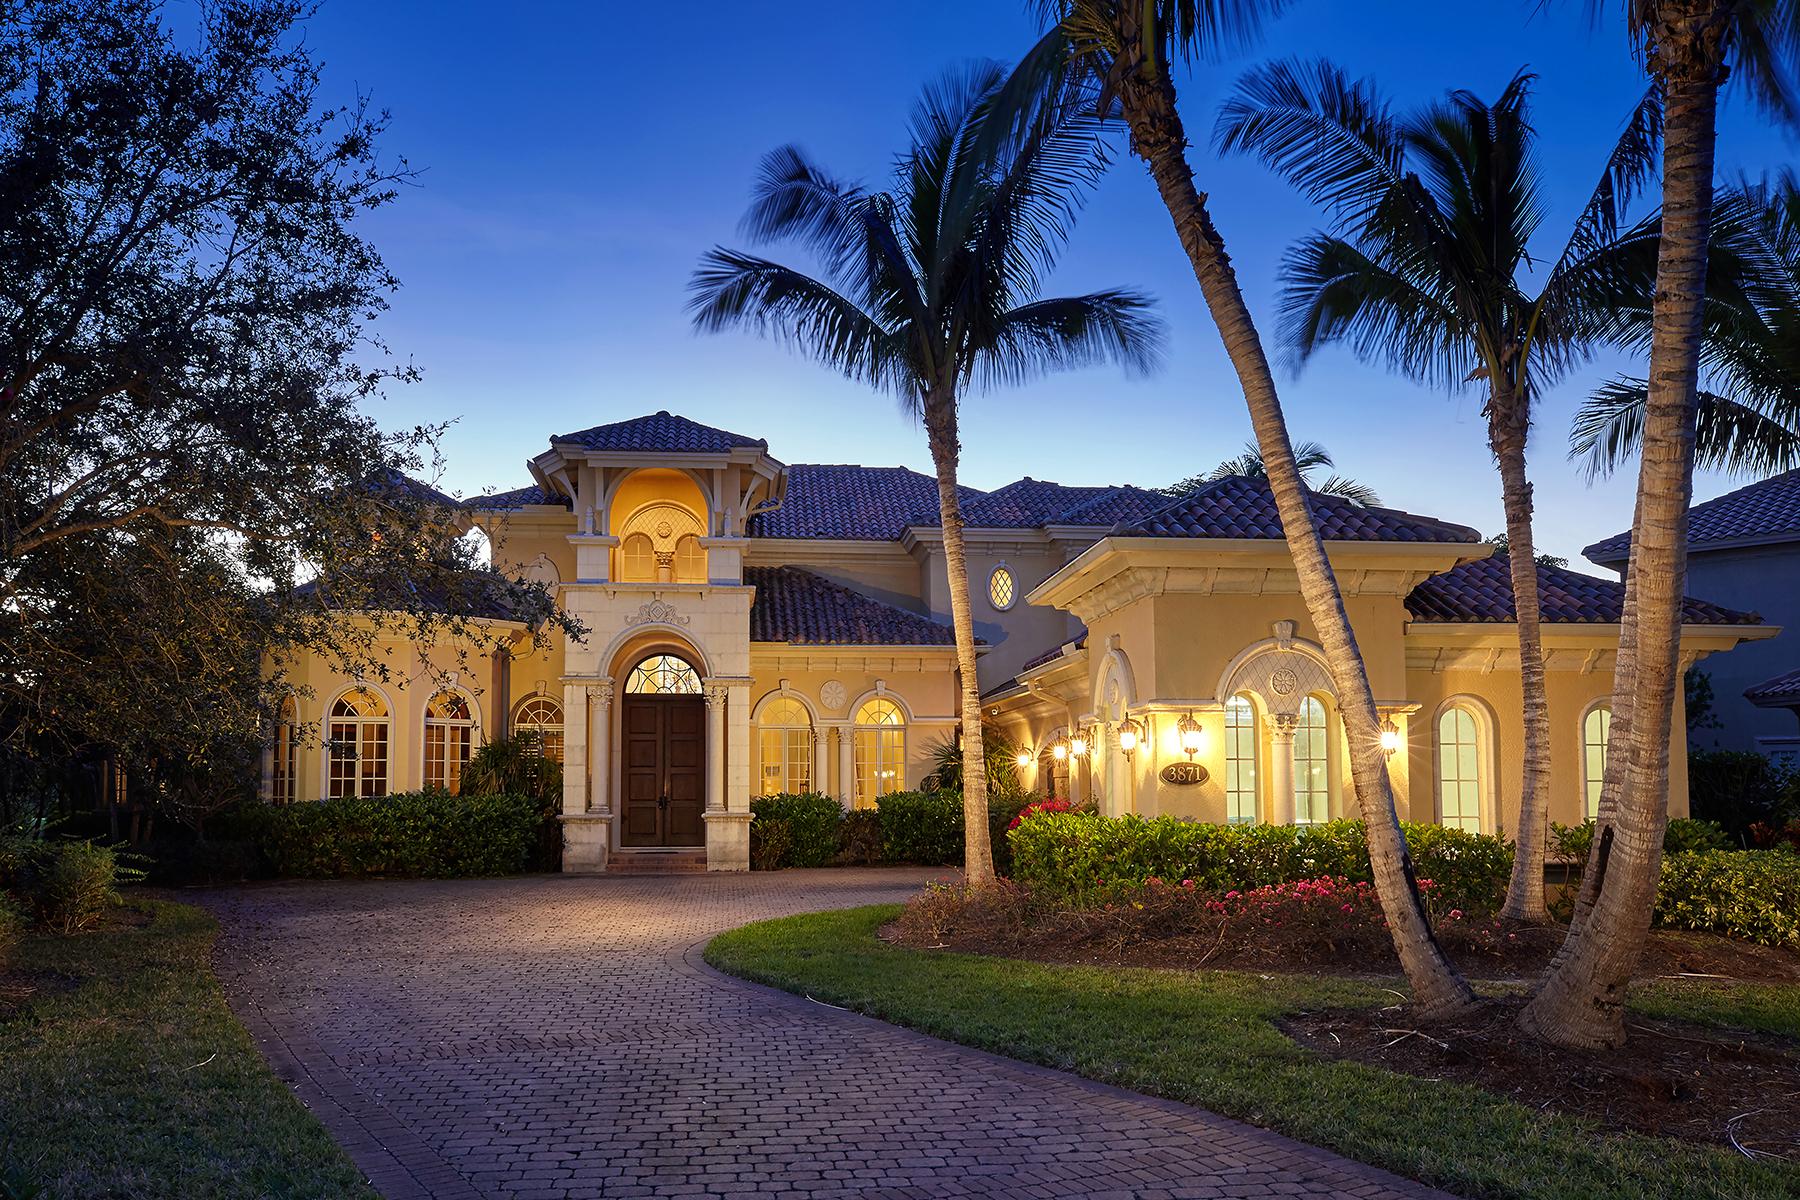 Частный односемейный дом для того Продажа на FIDDLERS CREEK 3871 Isla Del Sol Way, Naples, Флорида, 34114 Соединенные Штаты